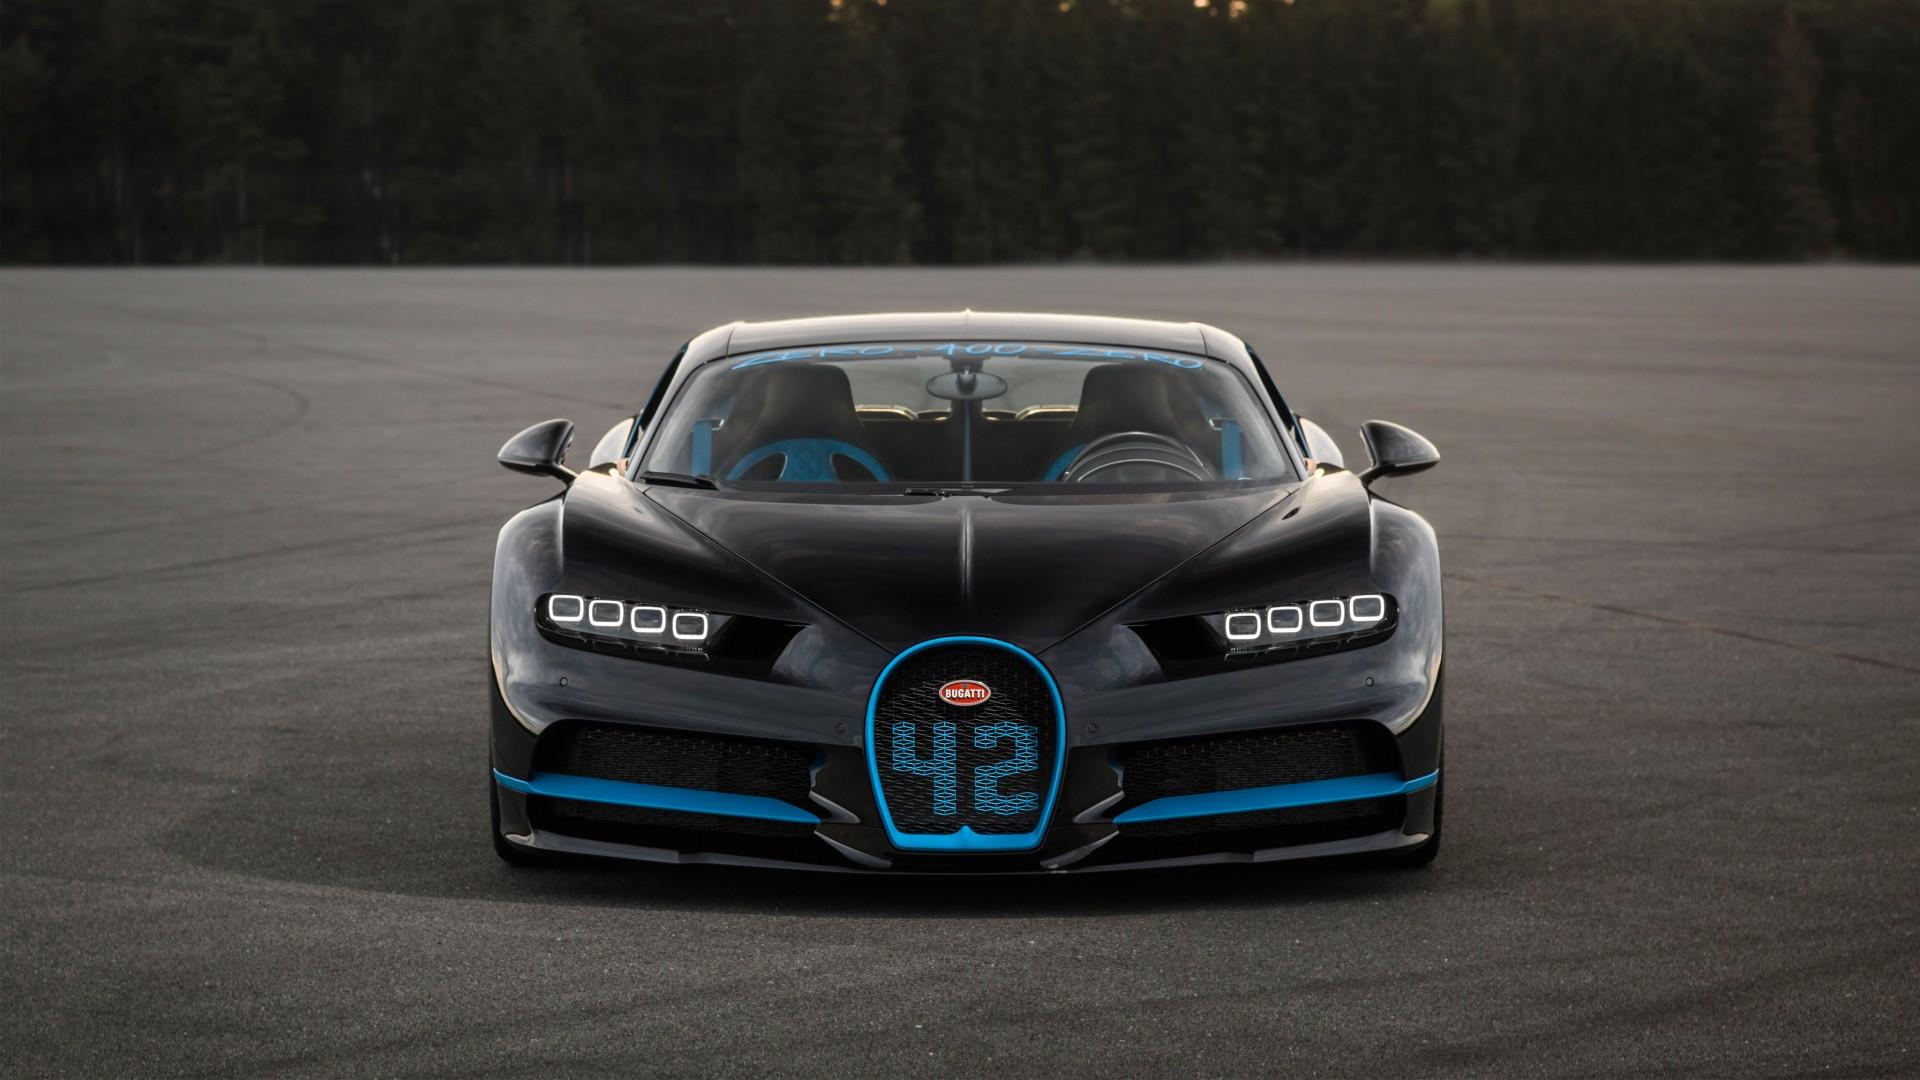 2017 Bugatti Chiron Zero 400 Zero 4K Wallpaper | HD Car ...